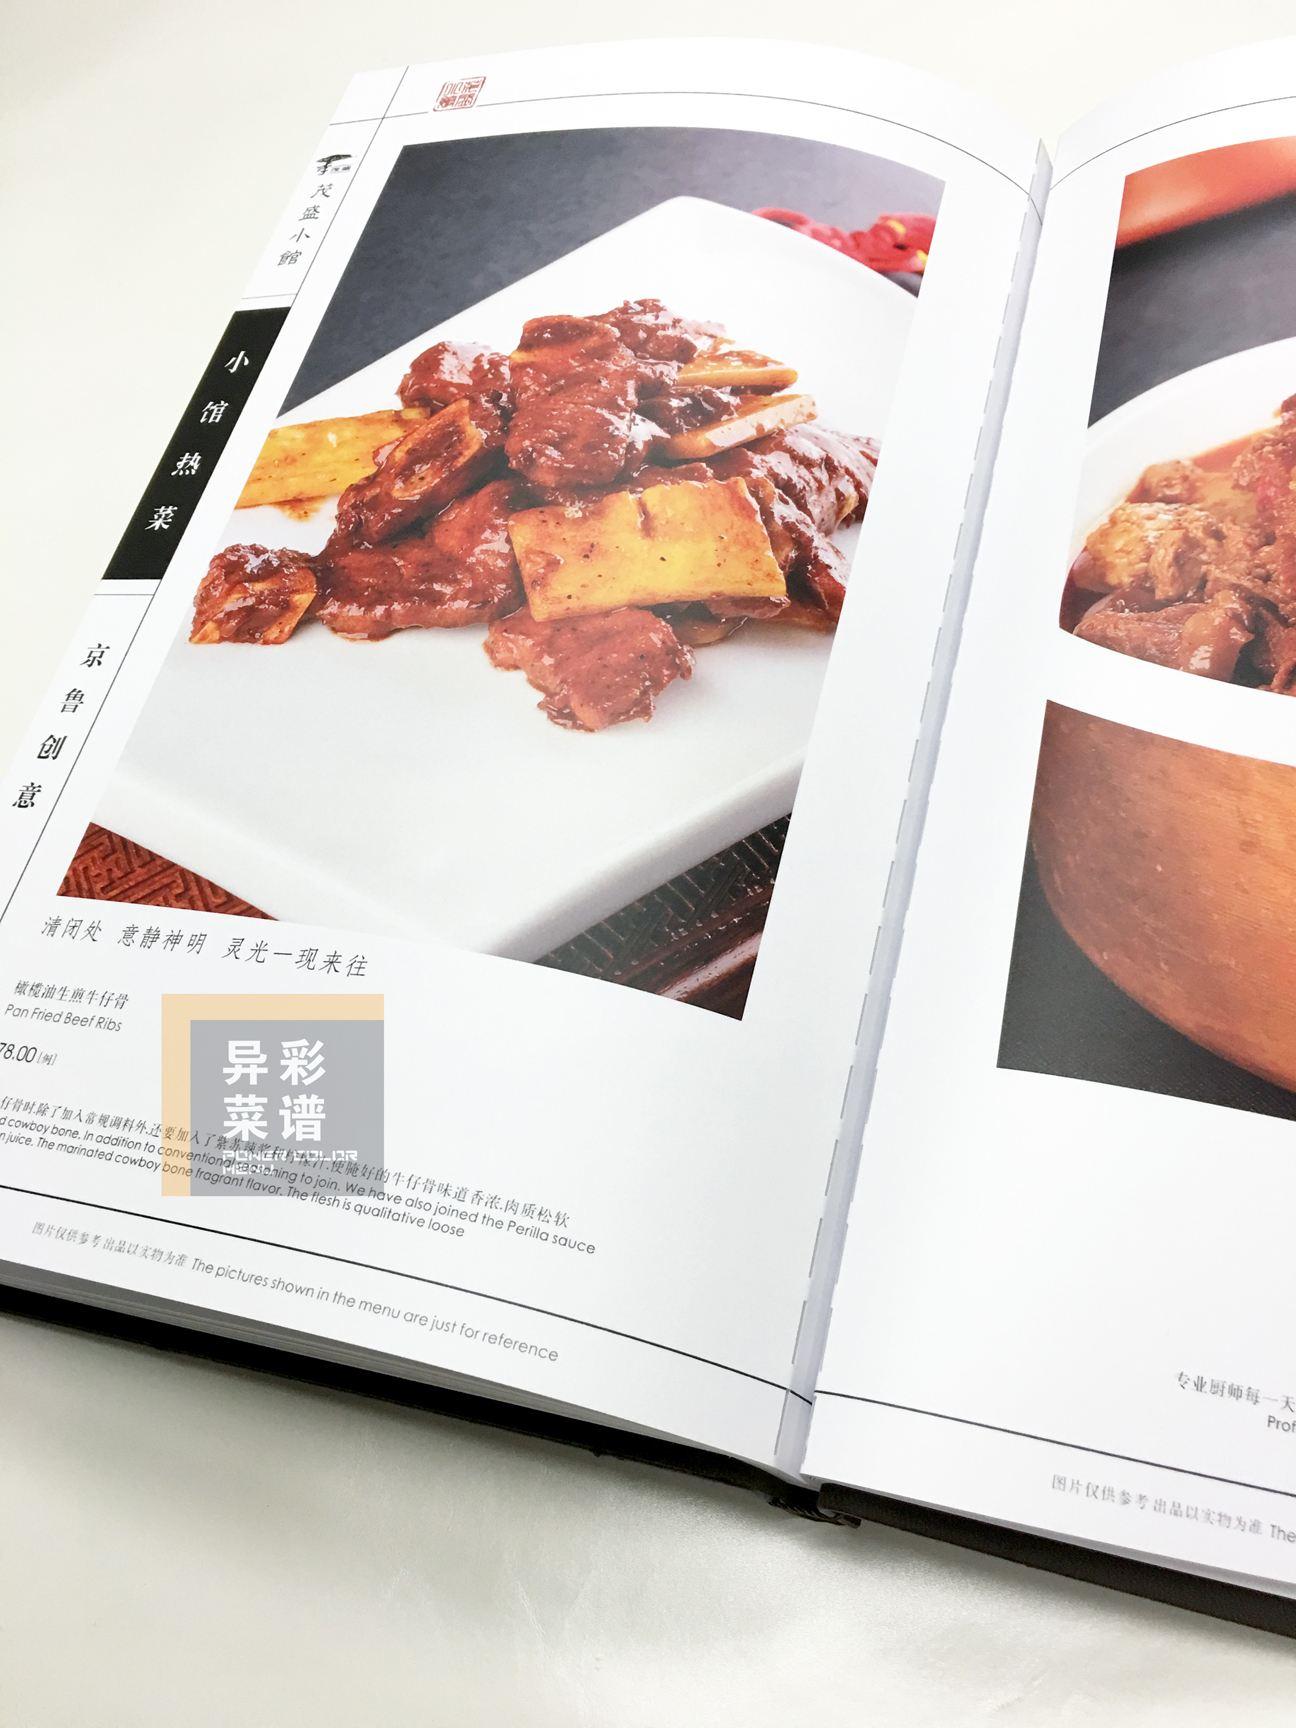 菜單印刷廠家_可信賴的菜單印刷就在彩色印刷